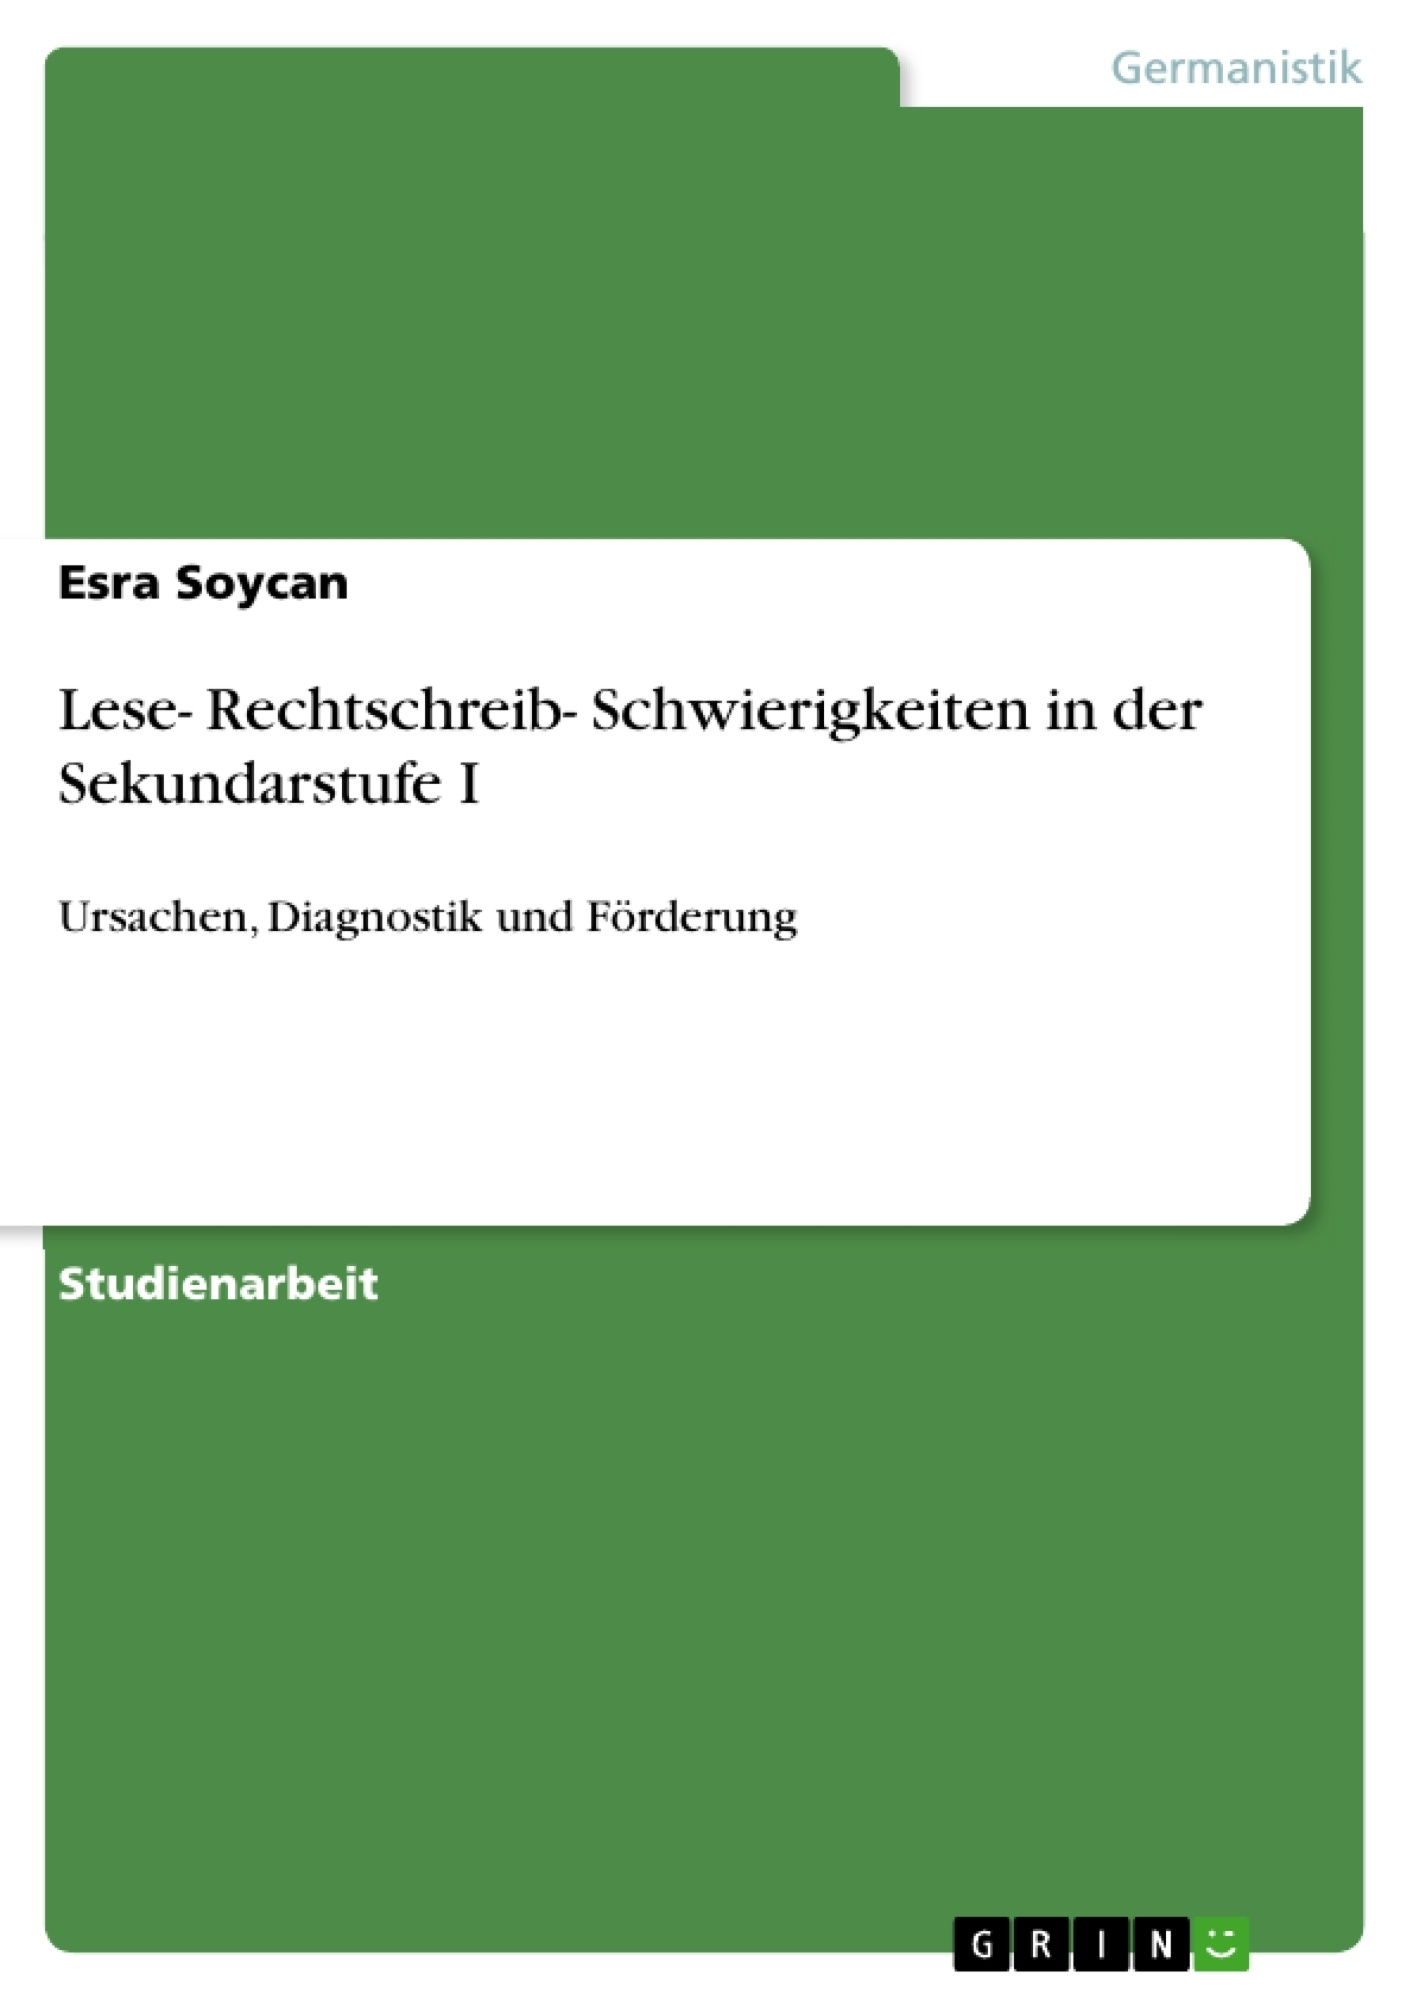 Titel: Lese- Rechtschreib- Schwierigkeiten in der Sekundarstufe I